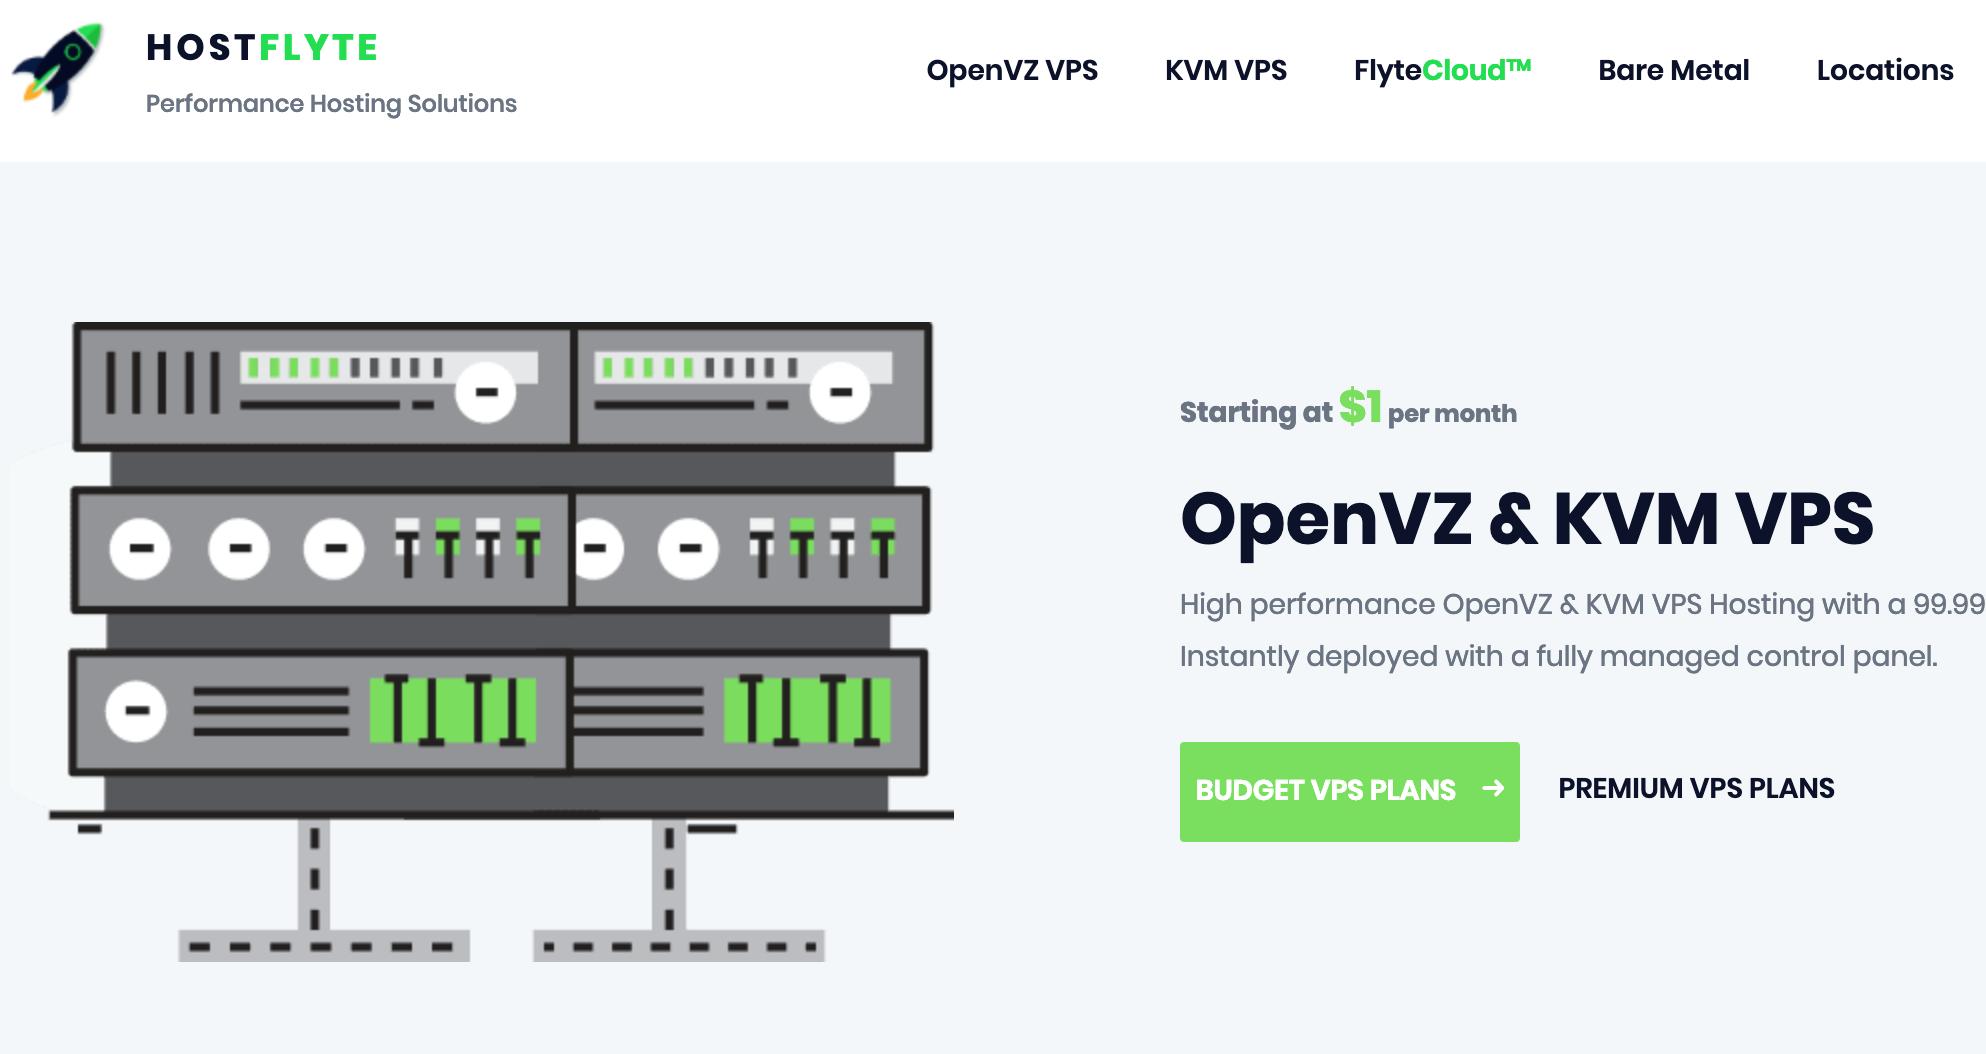 #年付20美元CN2-GIA线路KVM,年付15美元OpenVZ,年付21美元Windows# - HostFlyte年付VPS优惠信息,HostFlyte优惠码,HostFlyte官网